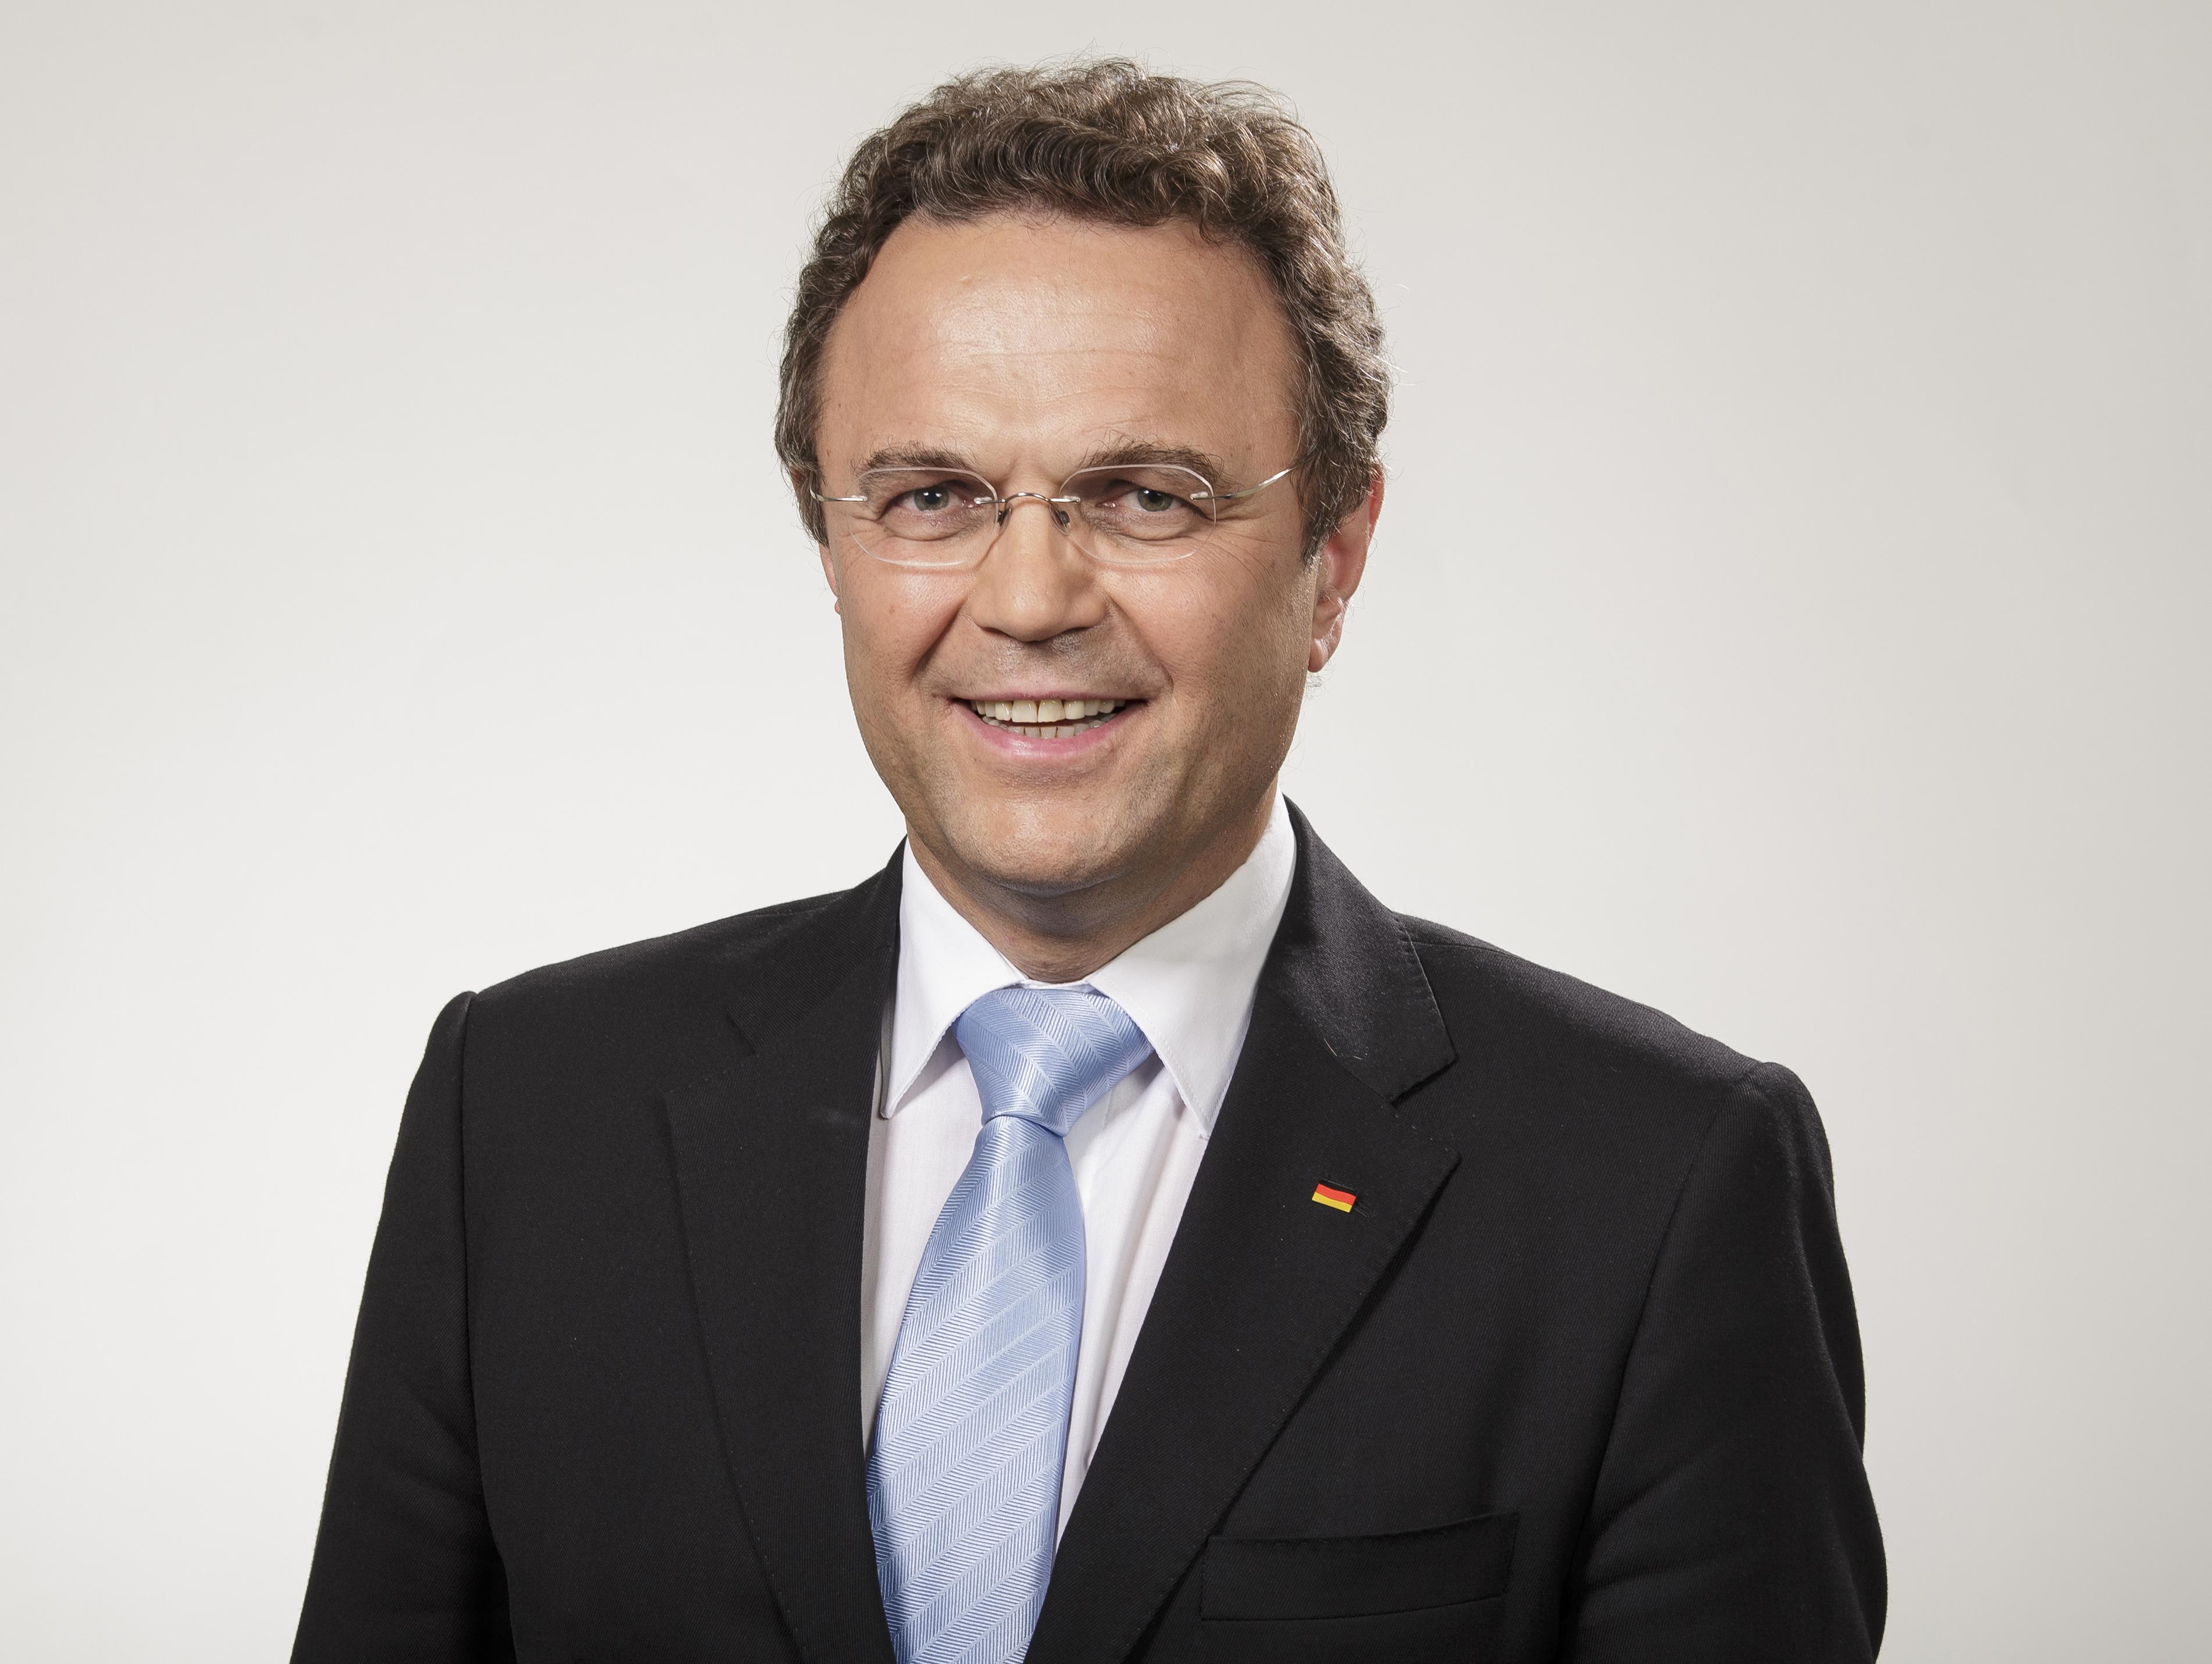 Hans-Peter Friedrich Größe